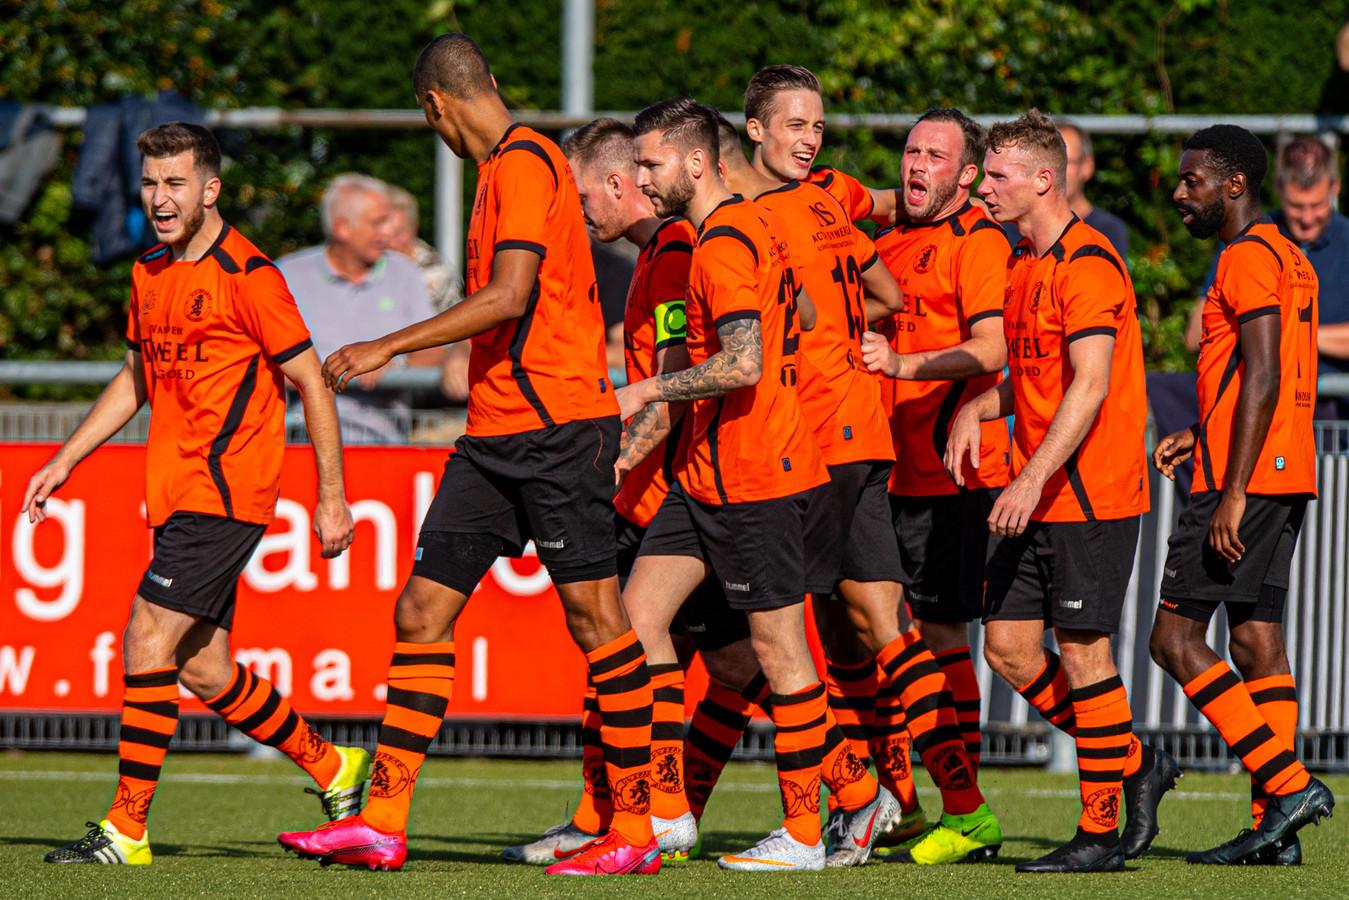 Sparta Nijkerk is de enige regionale ploeg die in de eerste voorronde van de KNVB-beker moet spelen.